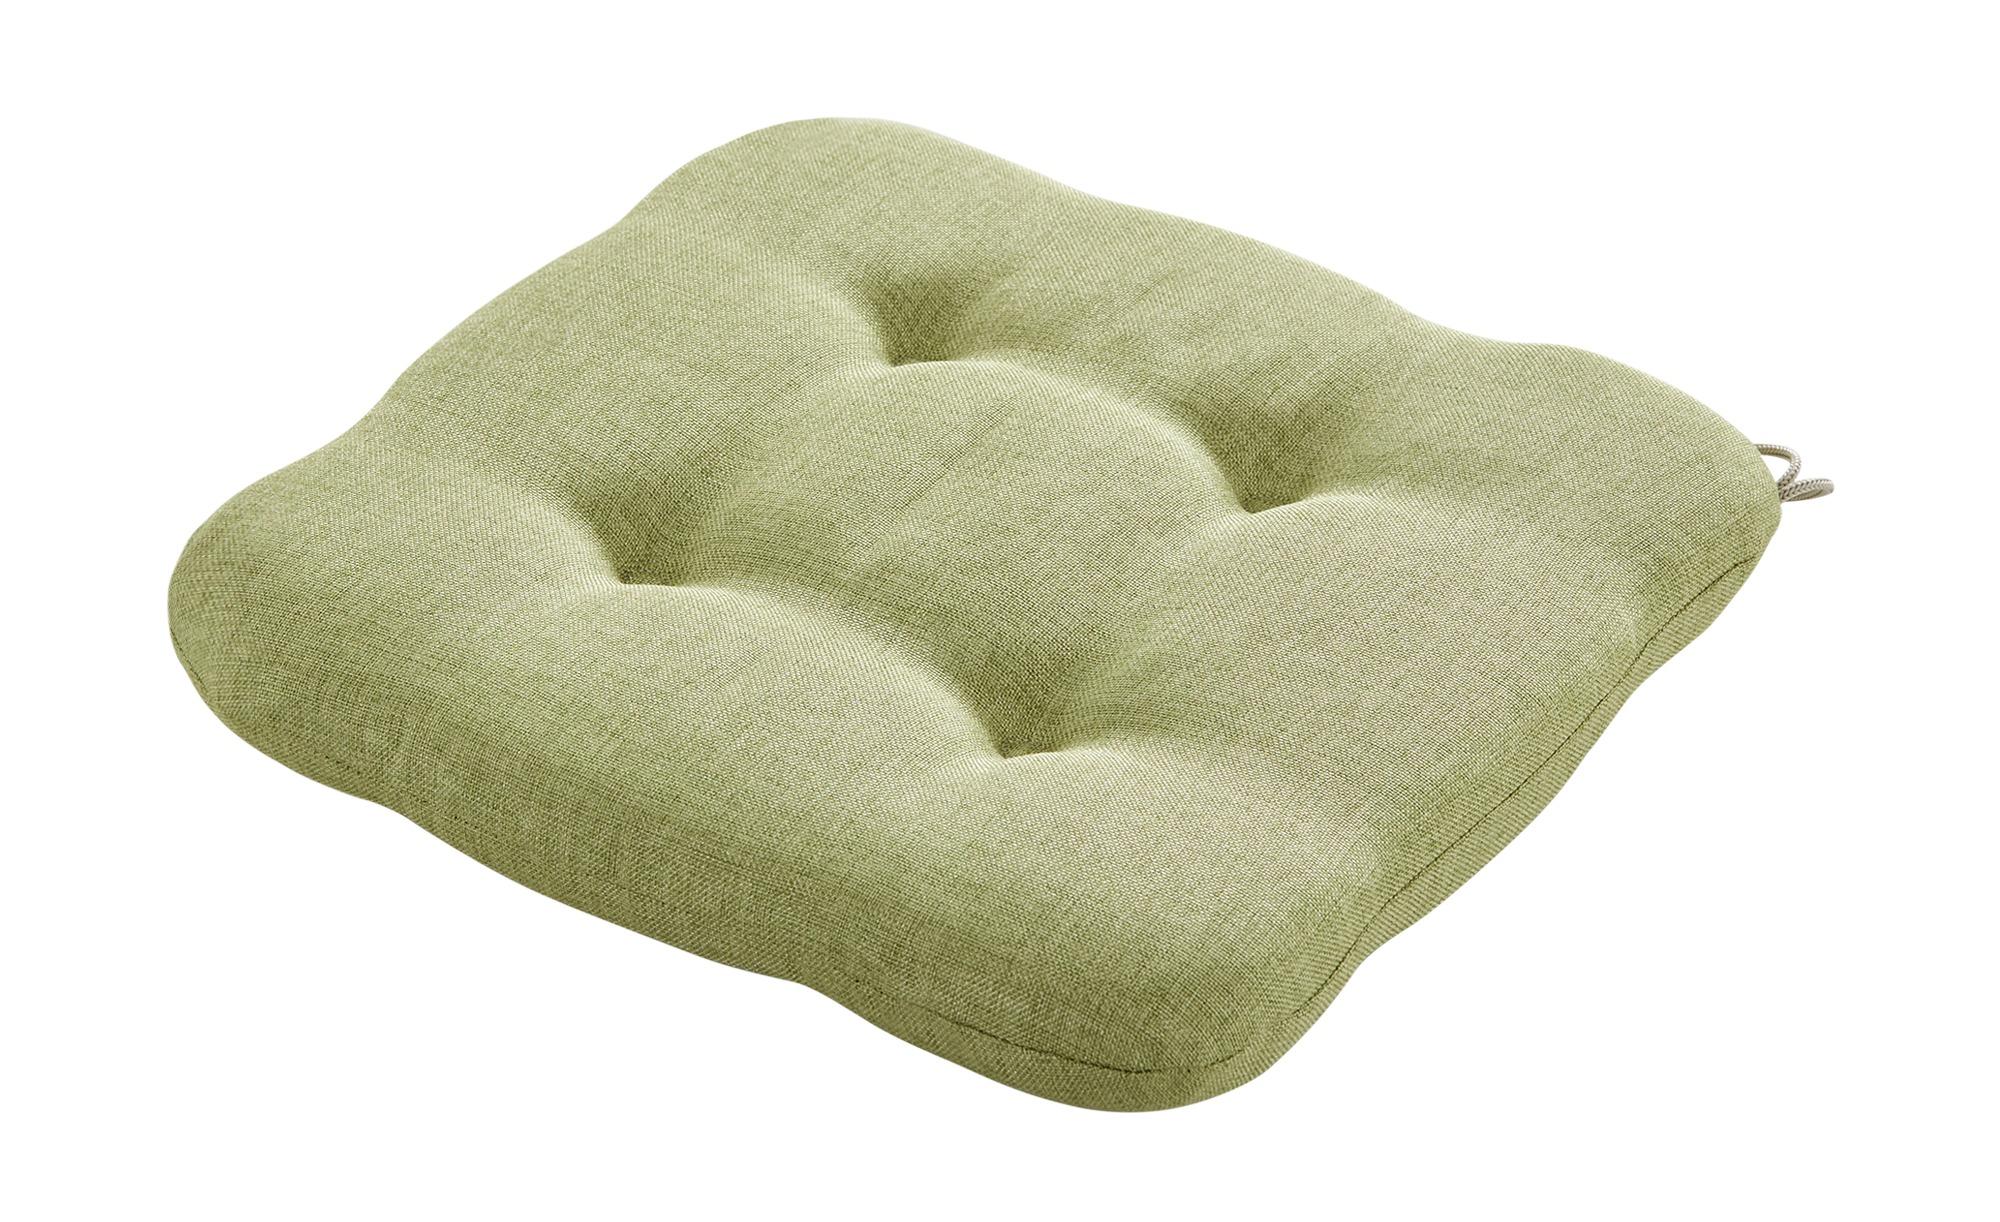 Sitzkissen  Burner - grün - 100% Polyester - Sconto günstig online kaufen